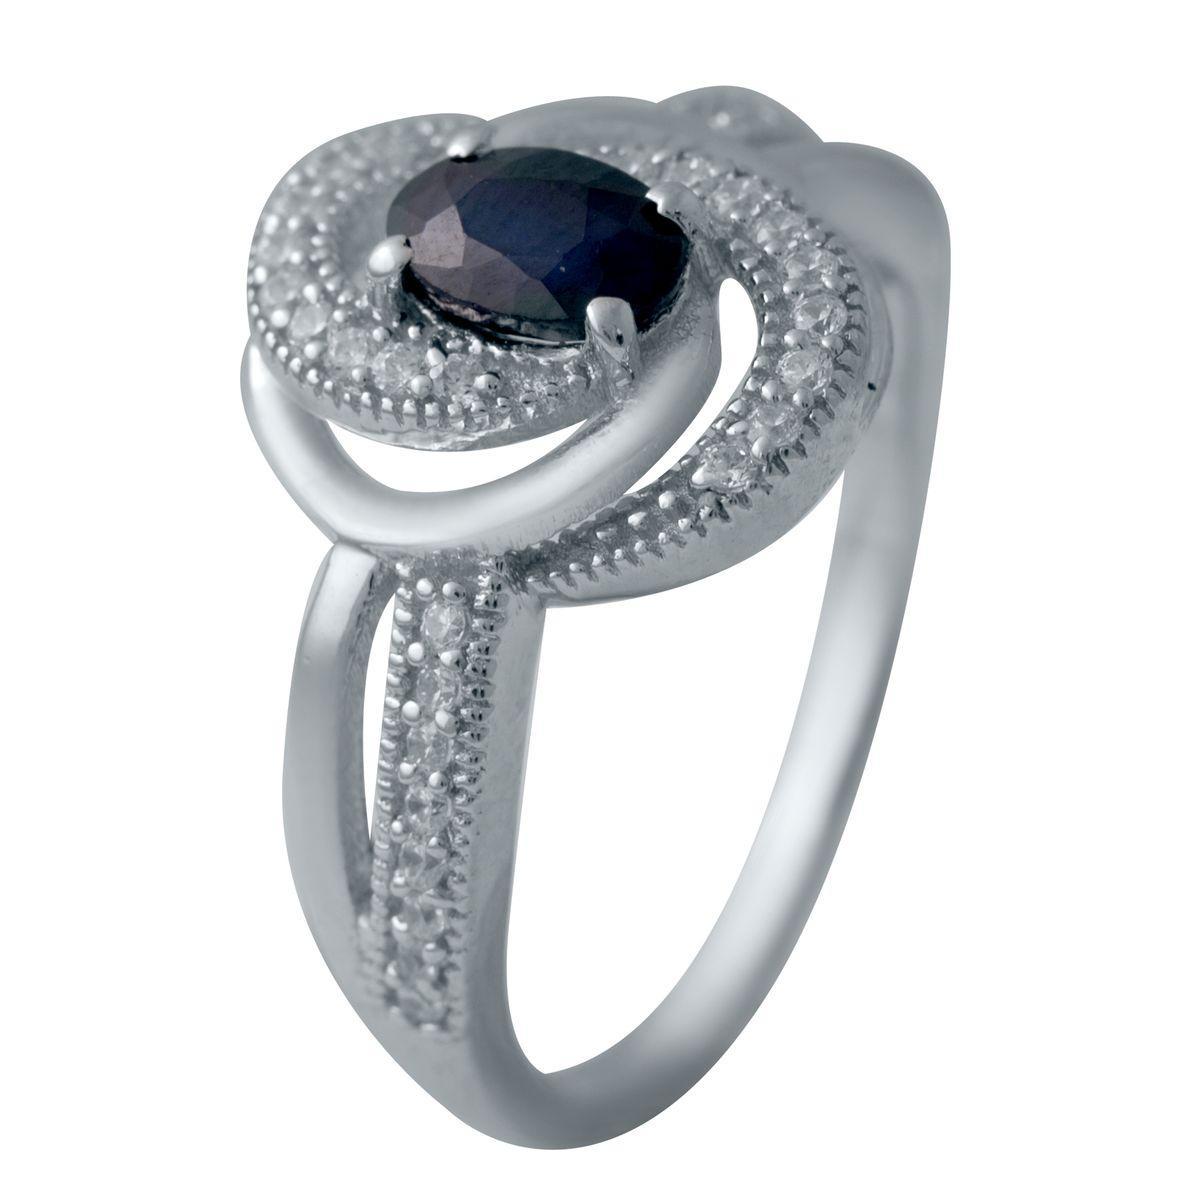 Серебряное кольцо DreamJewelry с натуральным сапфиром 0.881ct (2030218) 17 размер